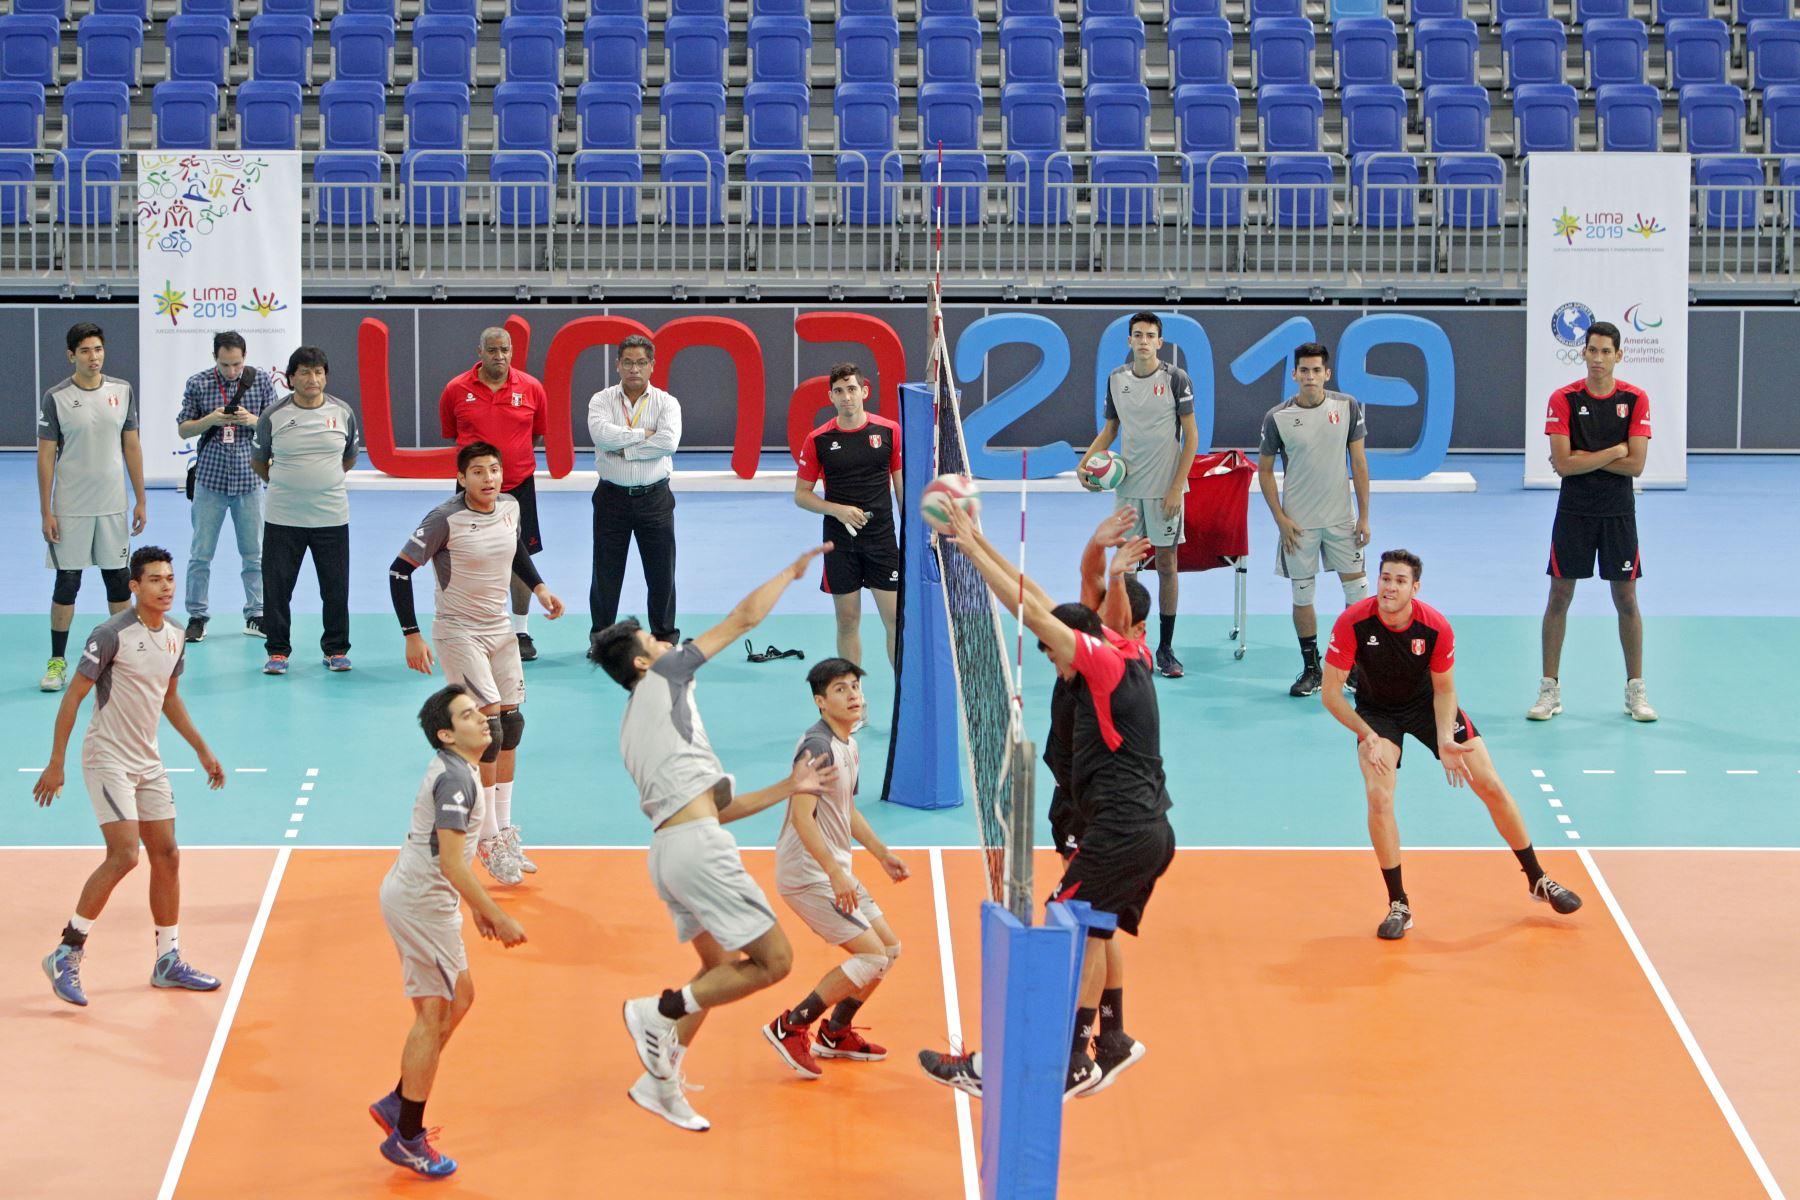 El Voleibol será el deporte estrella en el Polideportivo Callao durante el desarrollo de Juegos Panamericanos. Foto: ANDINA/Lima 2019